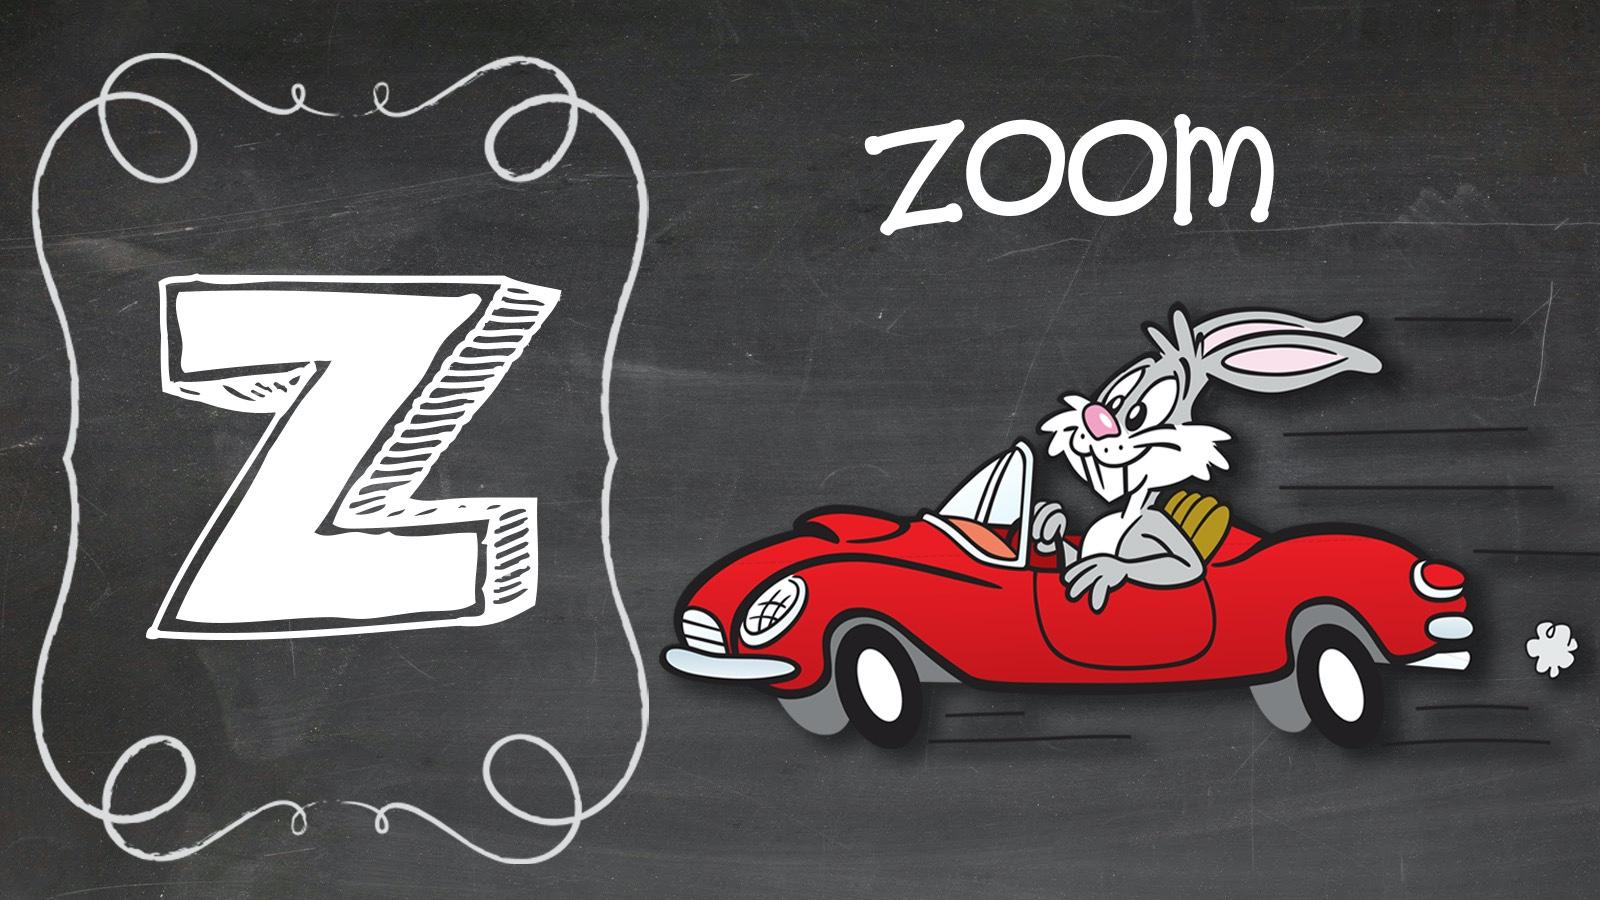 Positive Word Z zoom rabbit race car